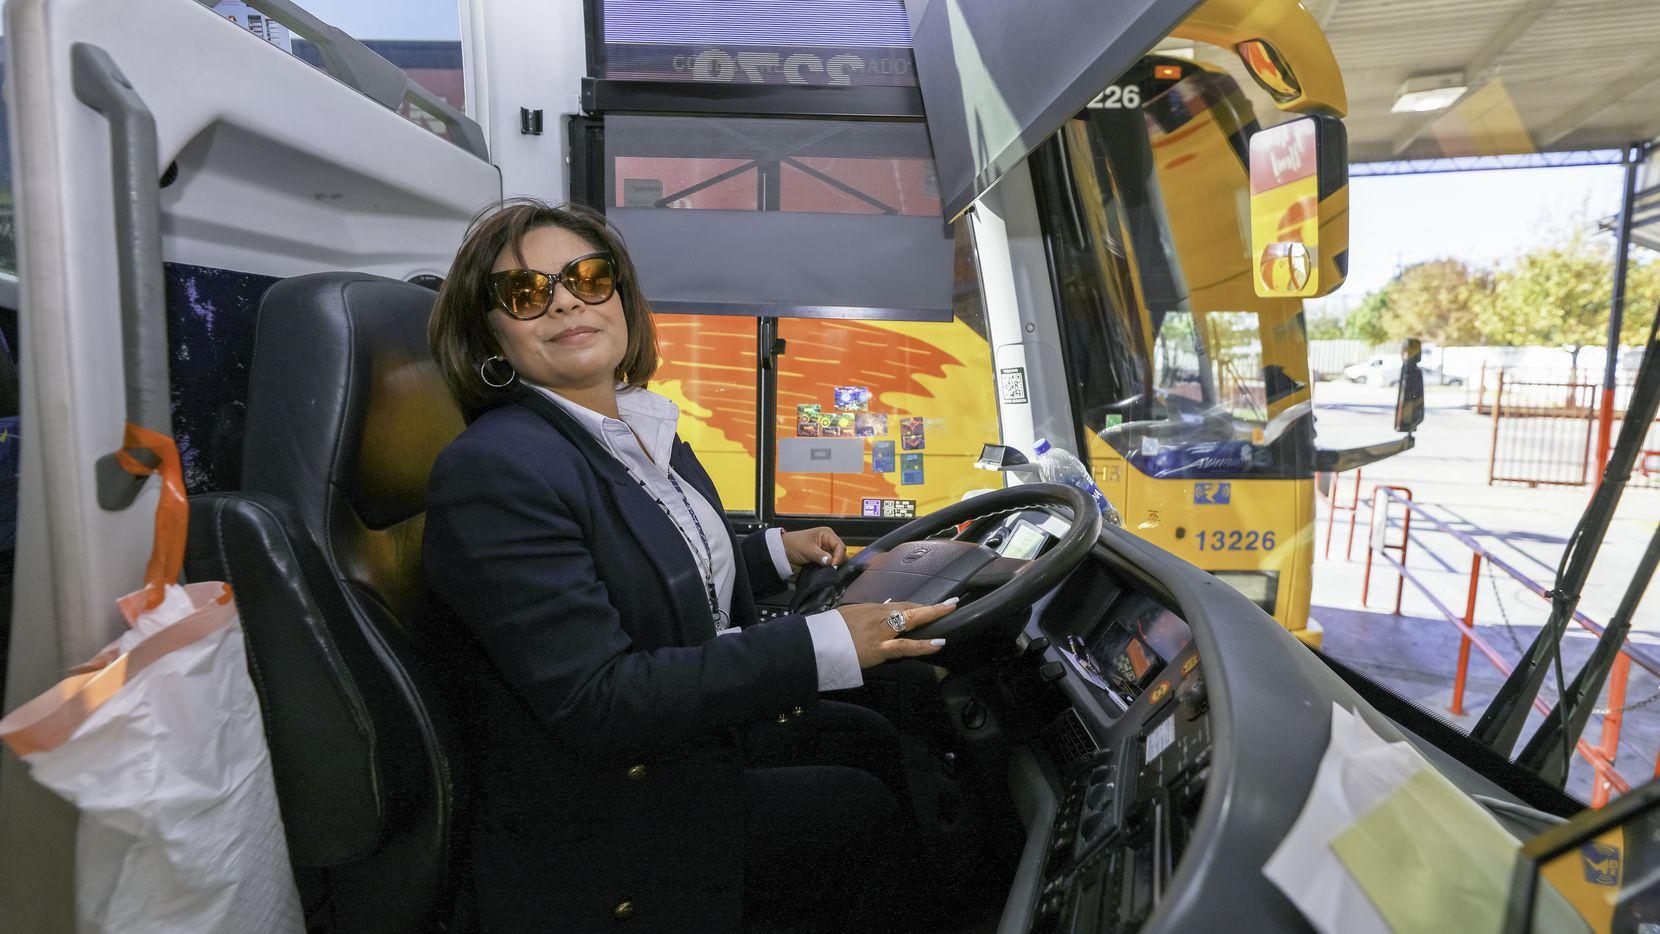 Las mujeres choferes son aún inusuales, pero Lourdes Mendoza, de 52 años, lleva más de una década como chofer de autobuses Tornado. Todas las semanas cubre la ruta Dallas - Laredo